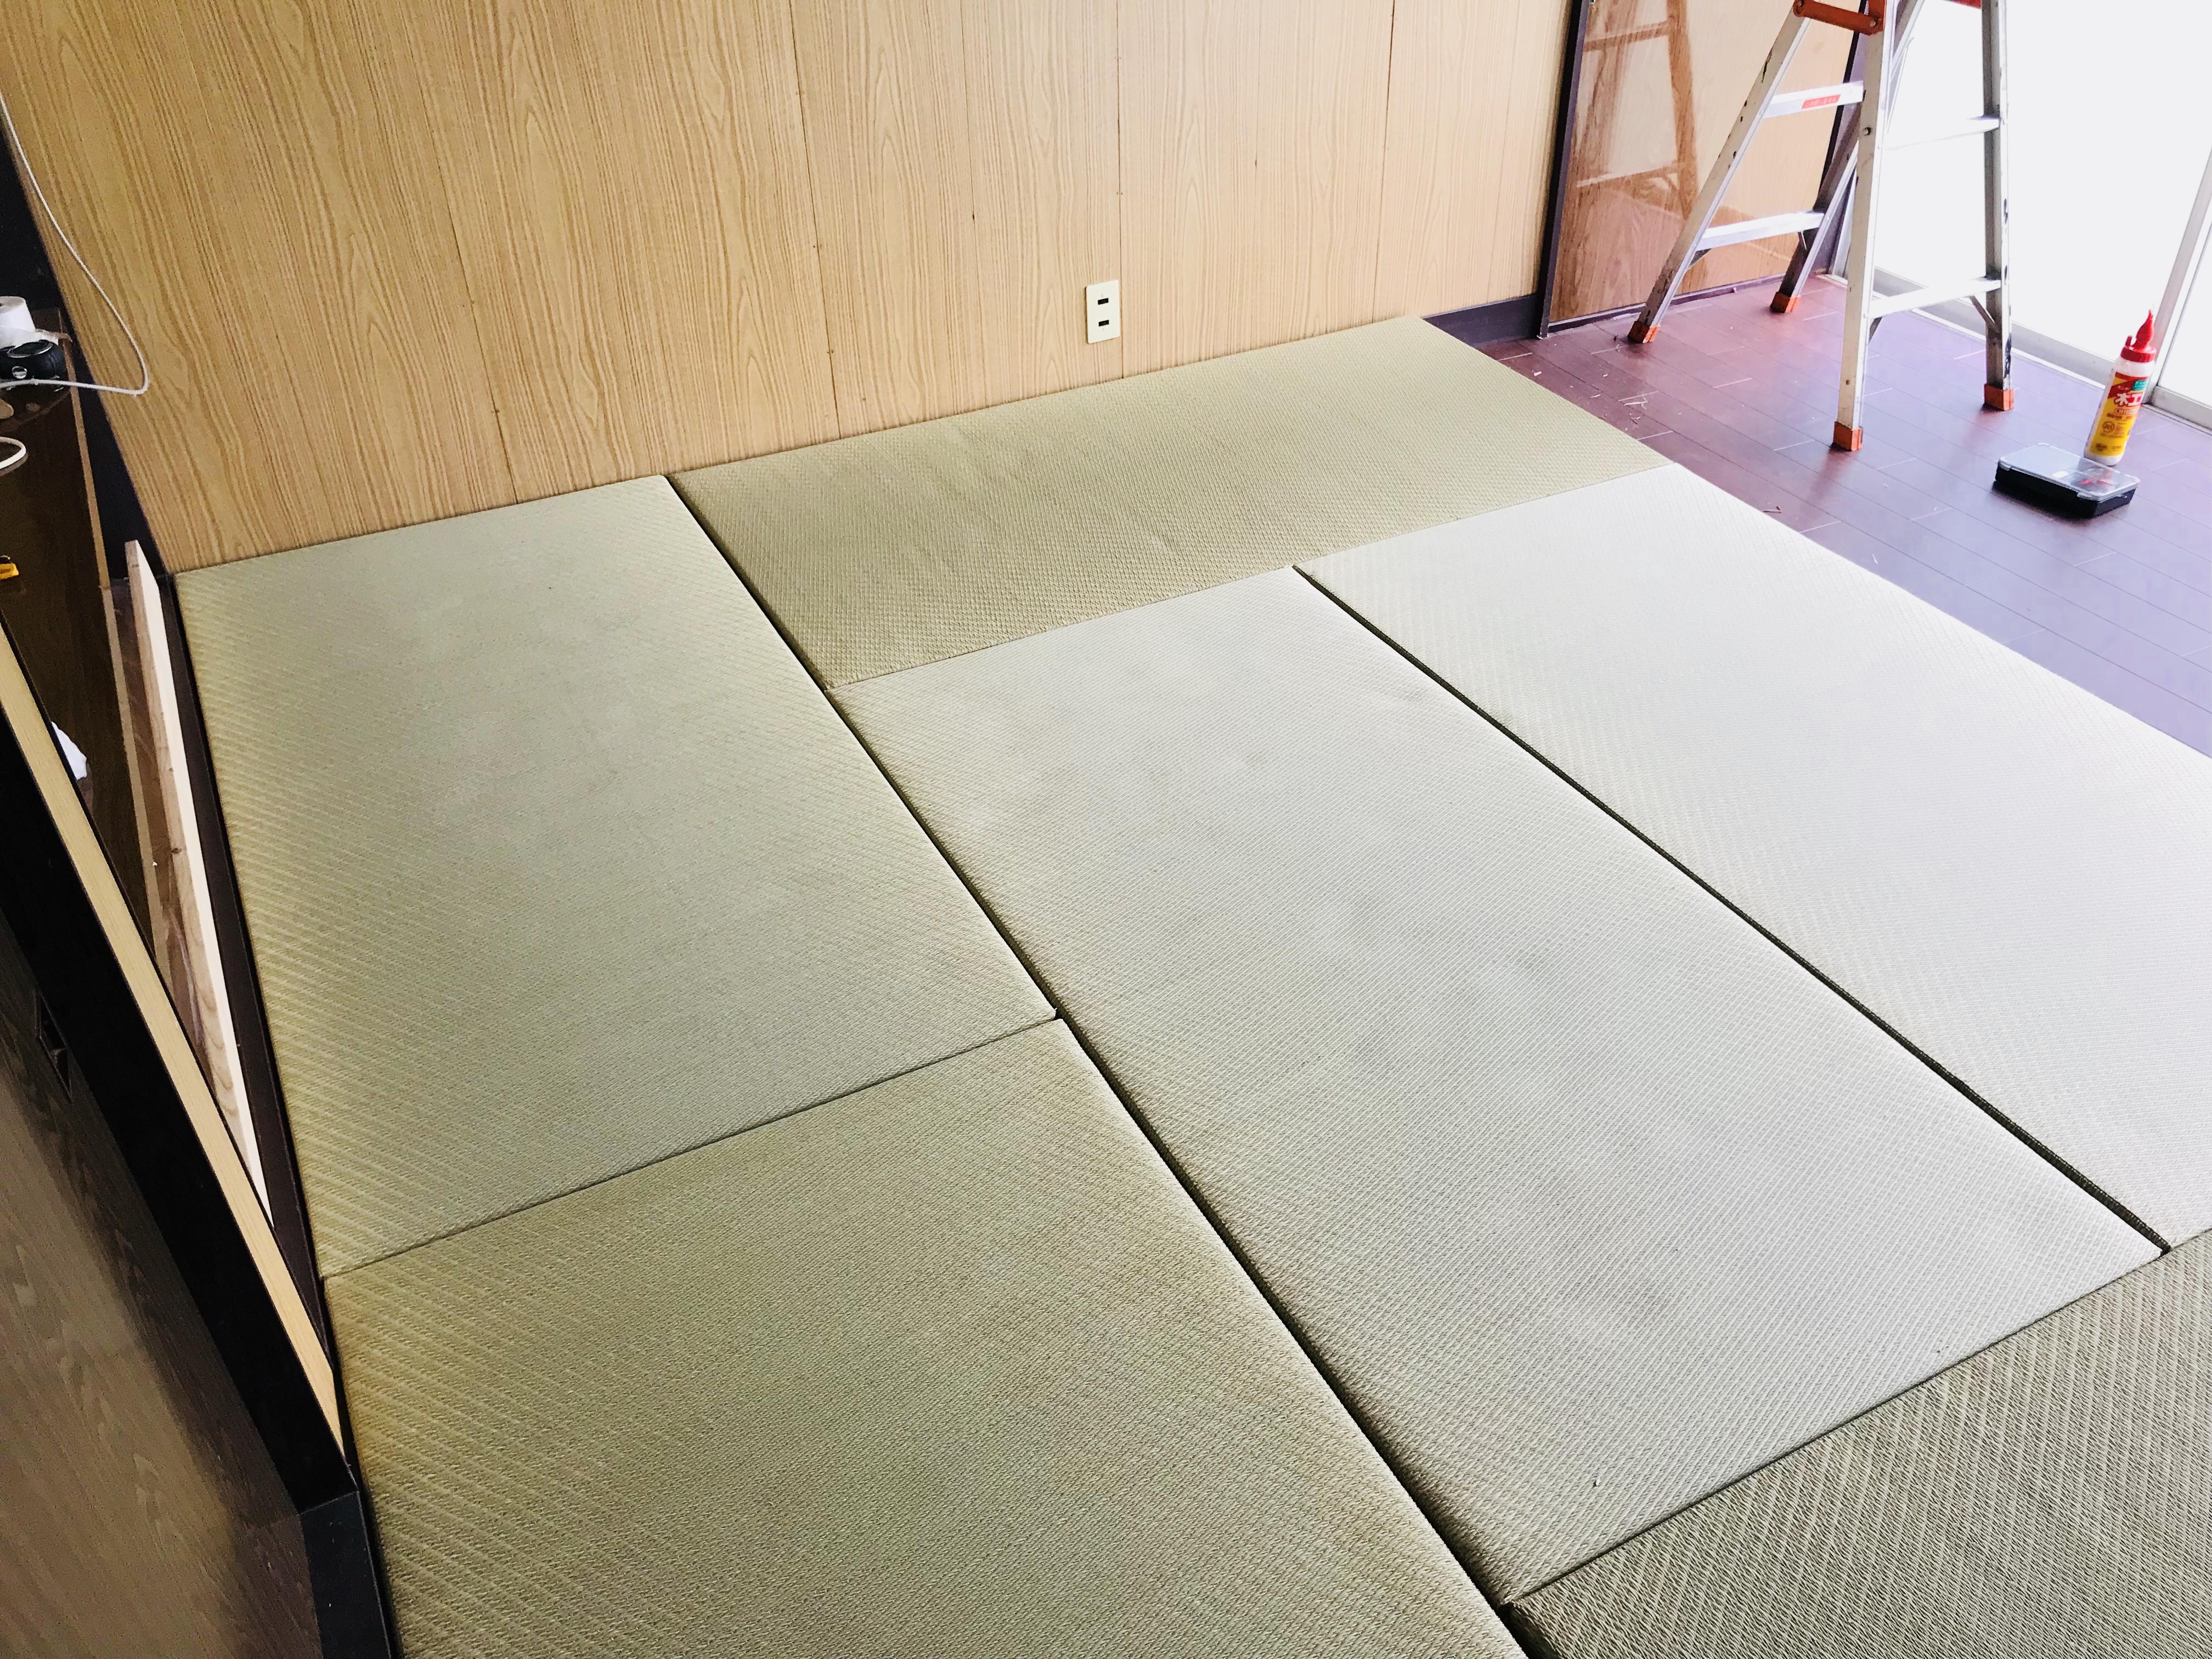 ユニット畳のメリット